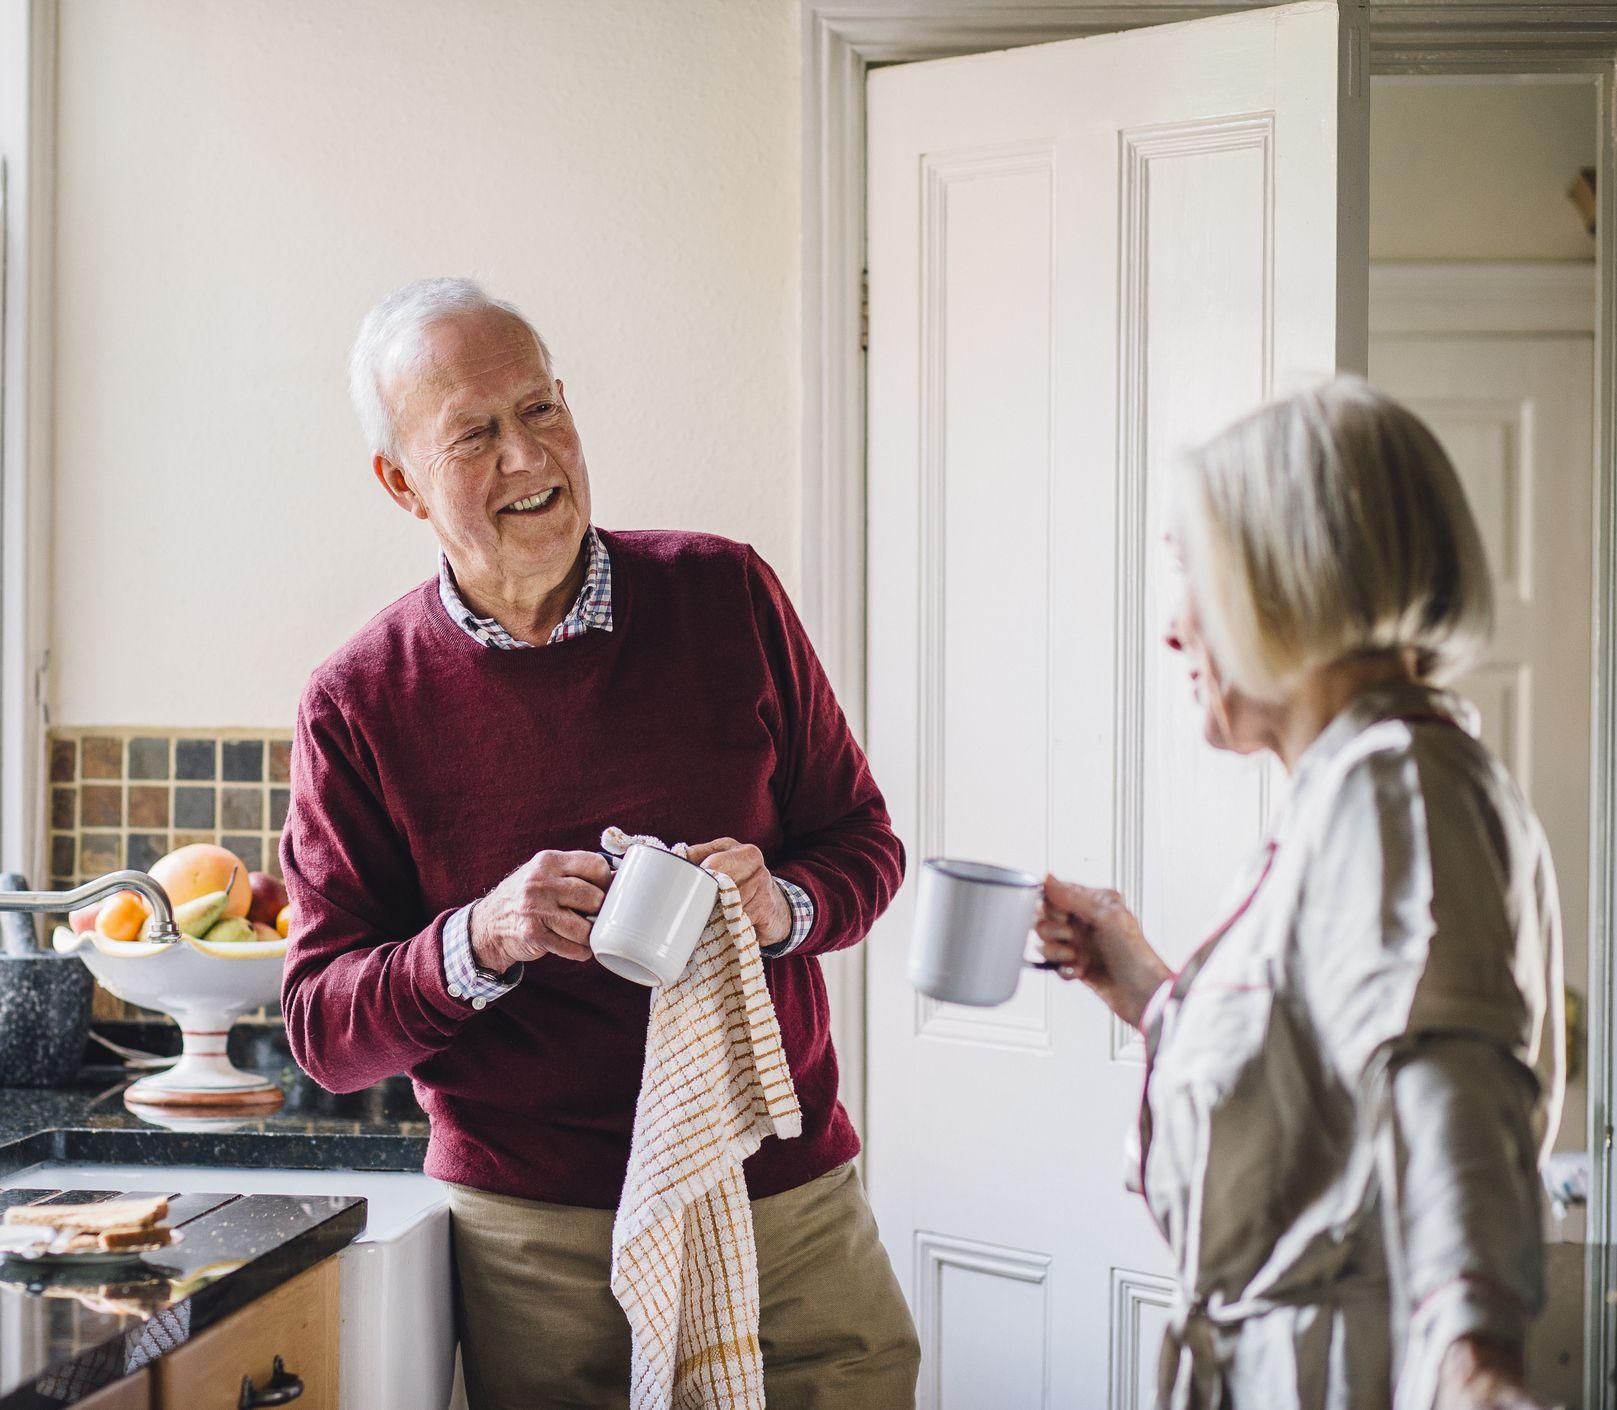 Keď rozhovor v manželstve viazne: Ako zlepšiť komunikáciu v dlhoročnom vzťahu?